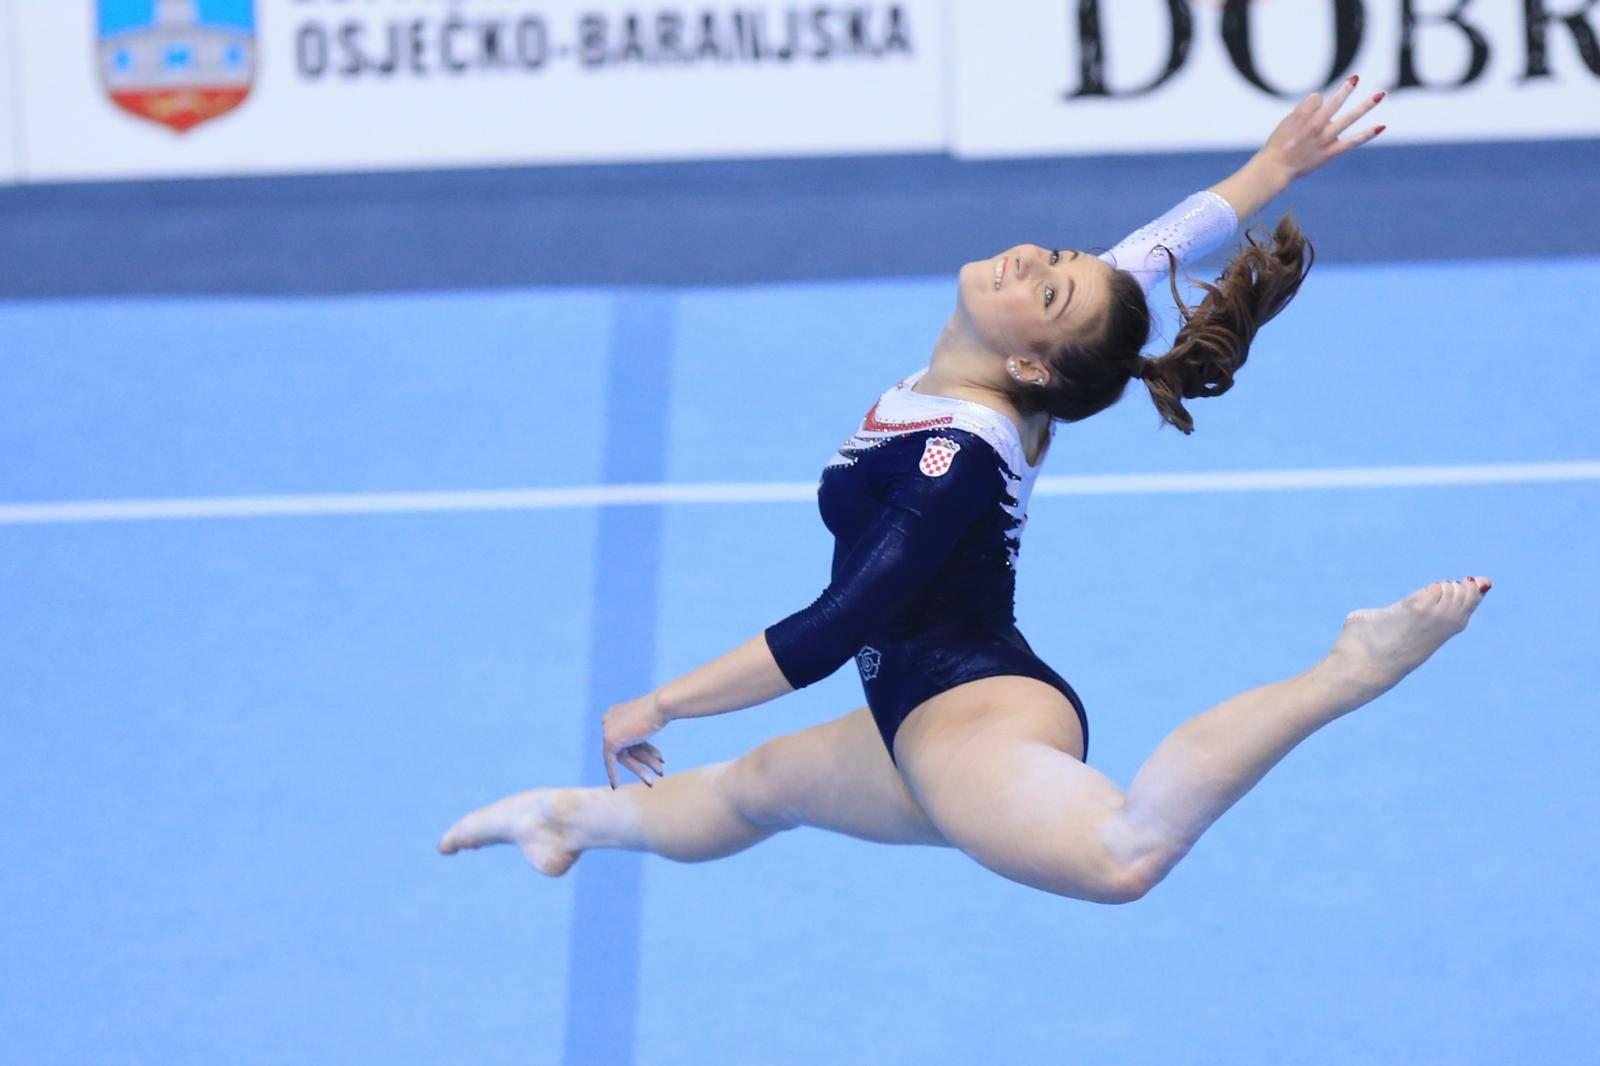 Gimnastičarka Đerek osvojila je zlato, Srbić je završio šesti